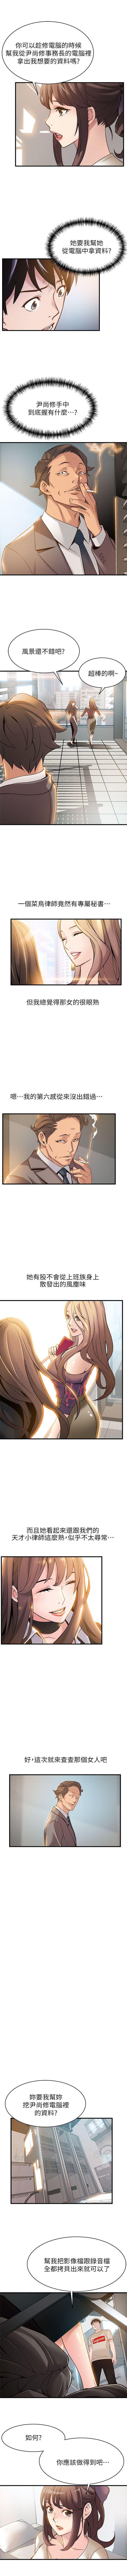 弱点 1-64 中文翻译(更新中) 50